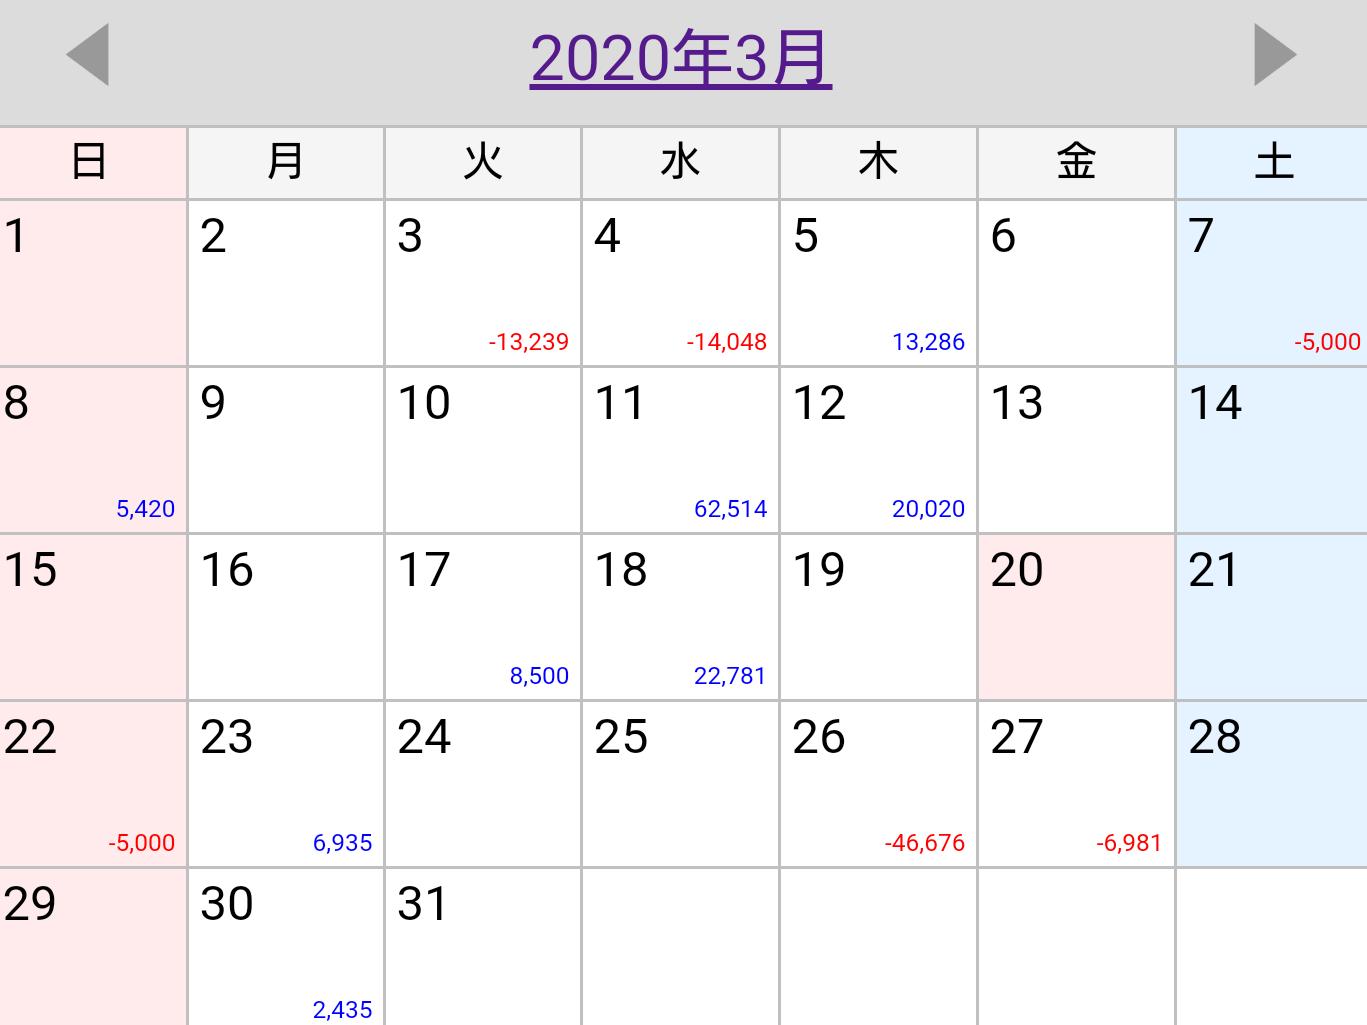 2020年3月日別収支管理表